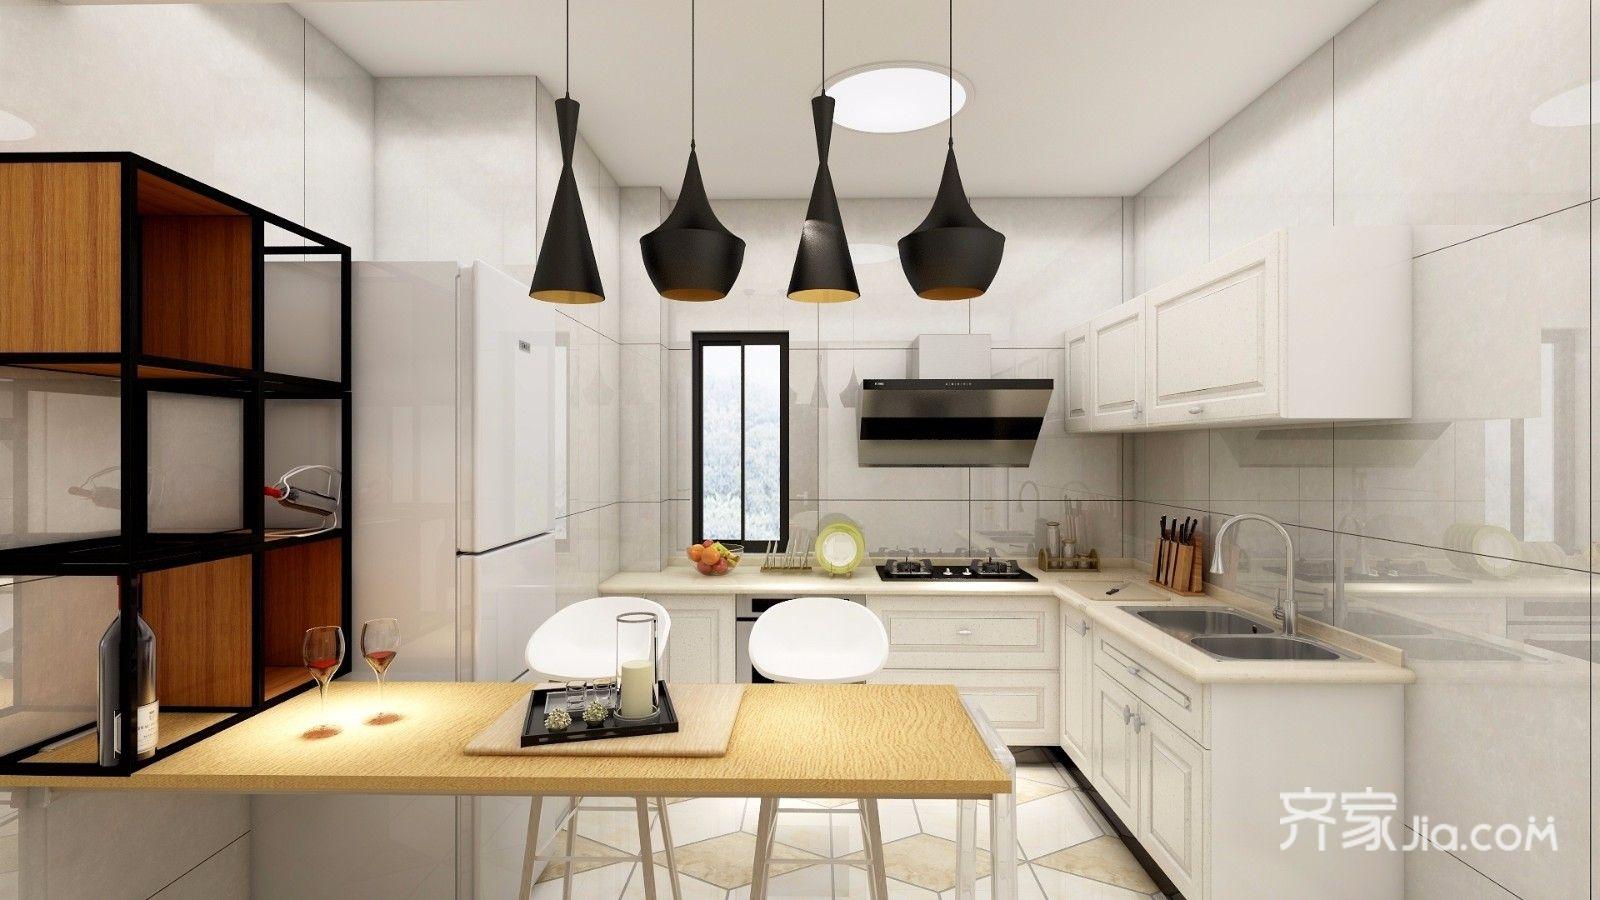 90㎡混搭风格二居厨房装修效果图